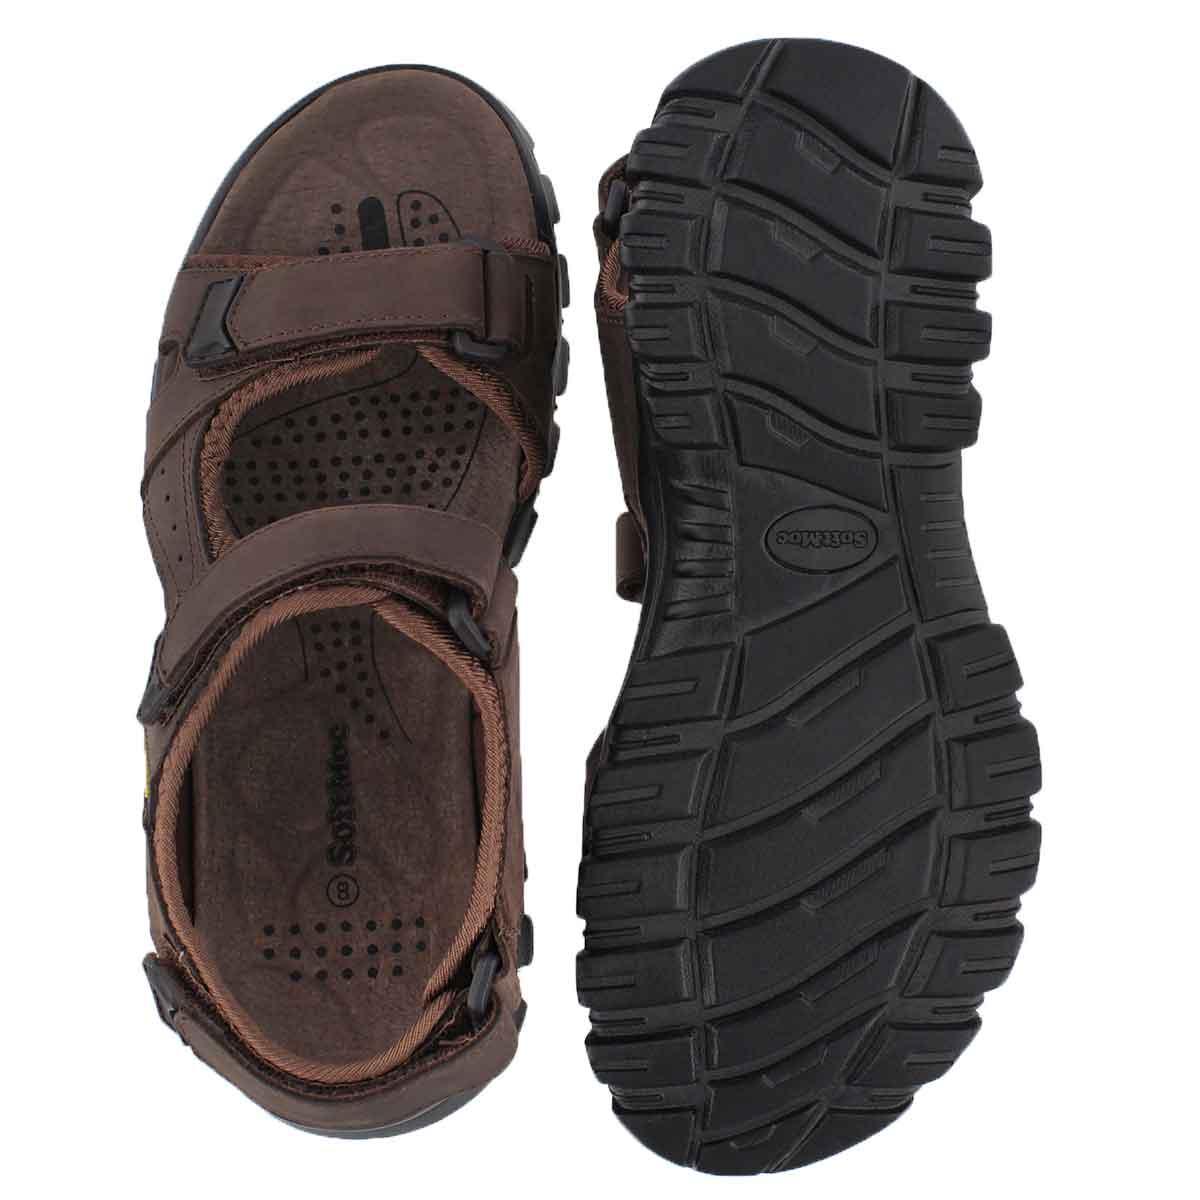 Mns Kirk brown 3 strap sport sandal